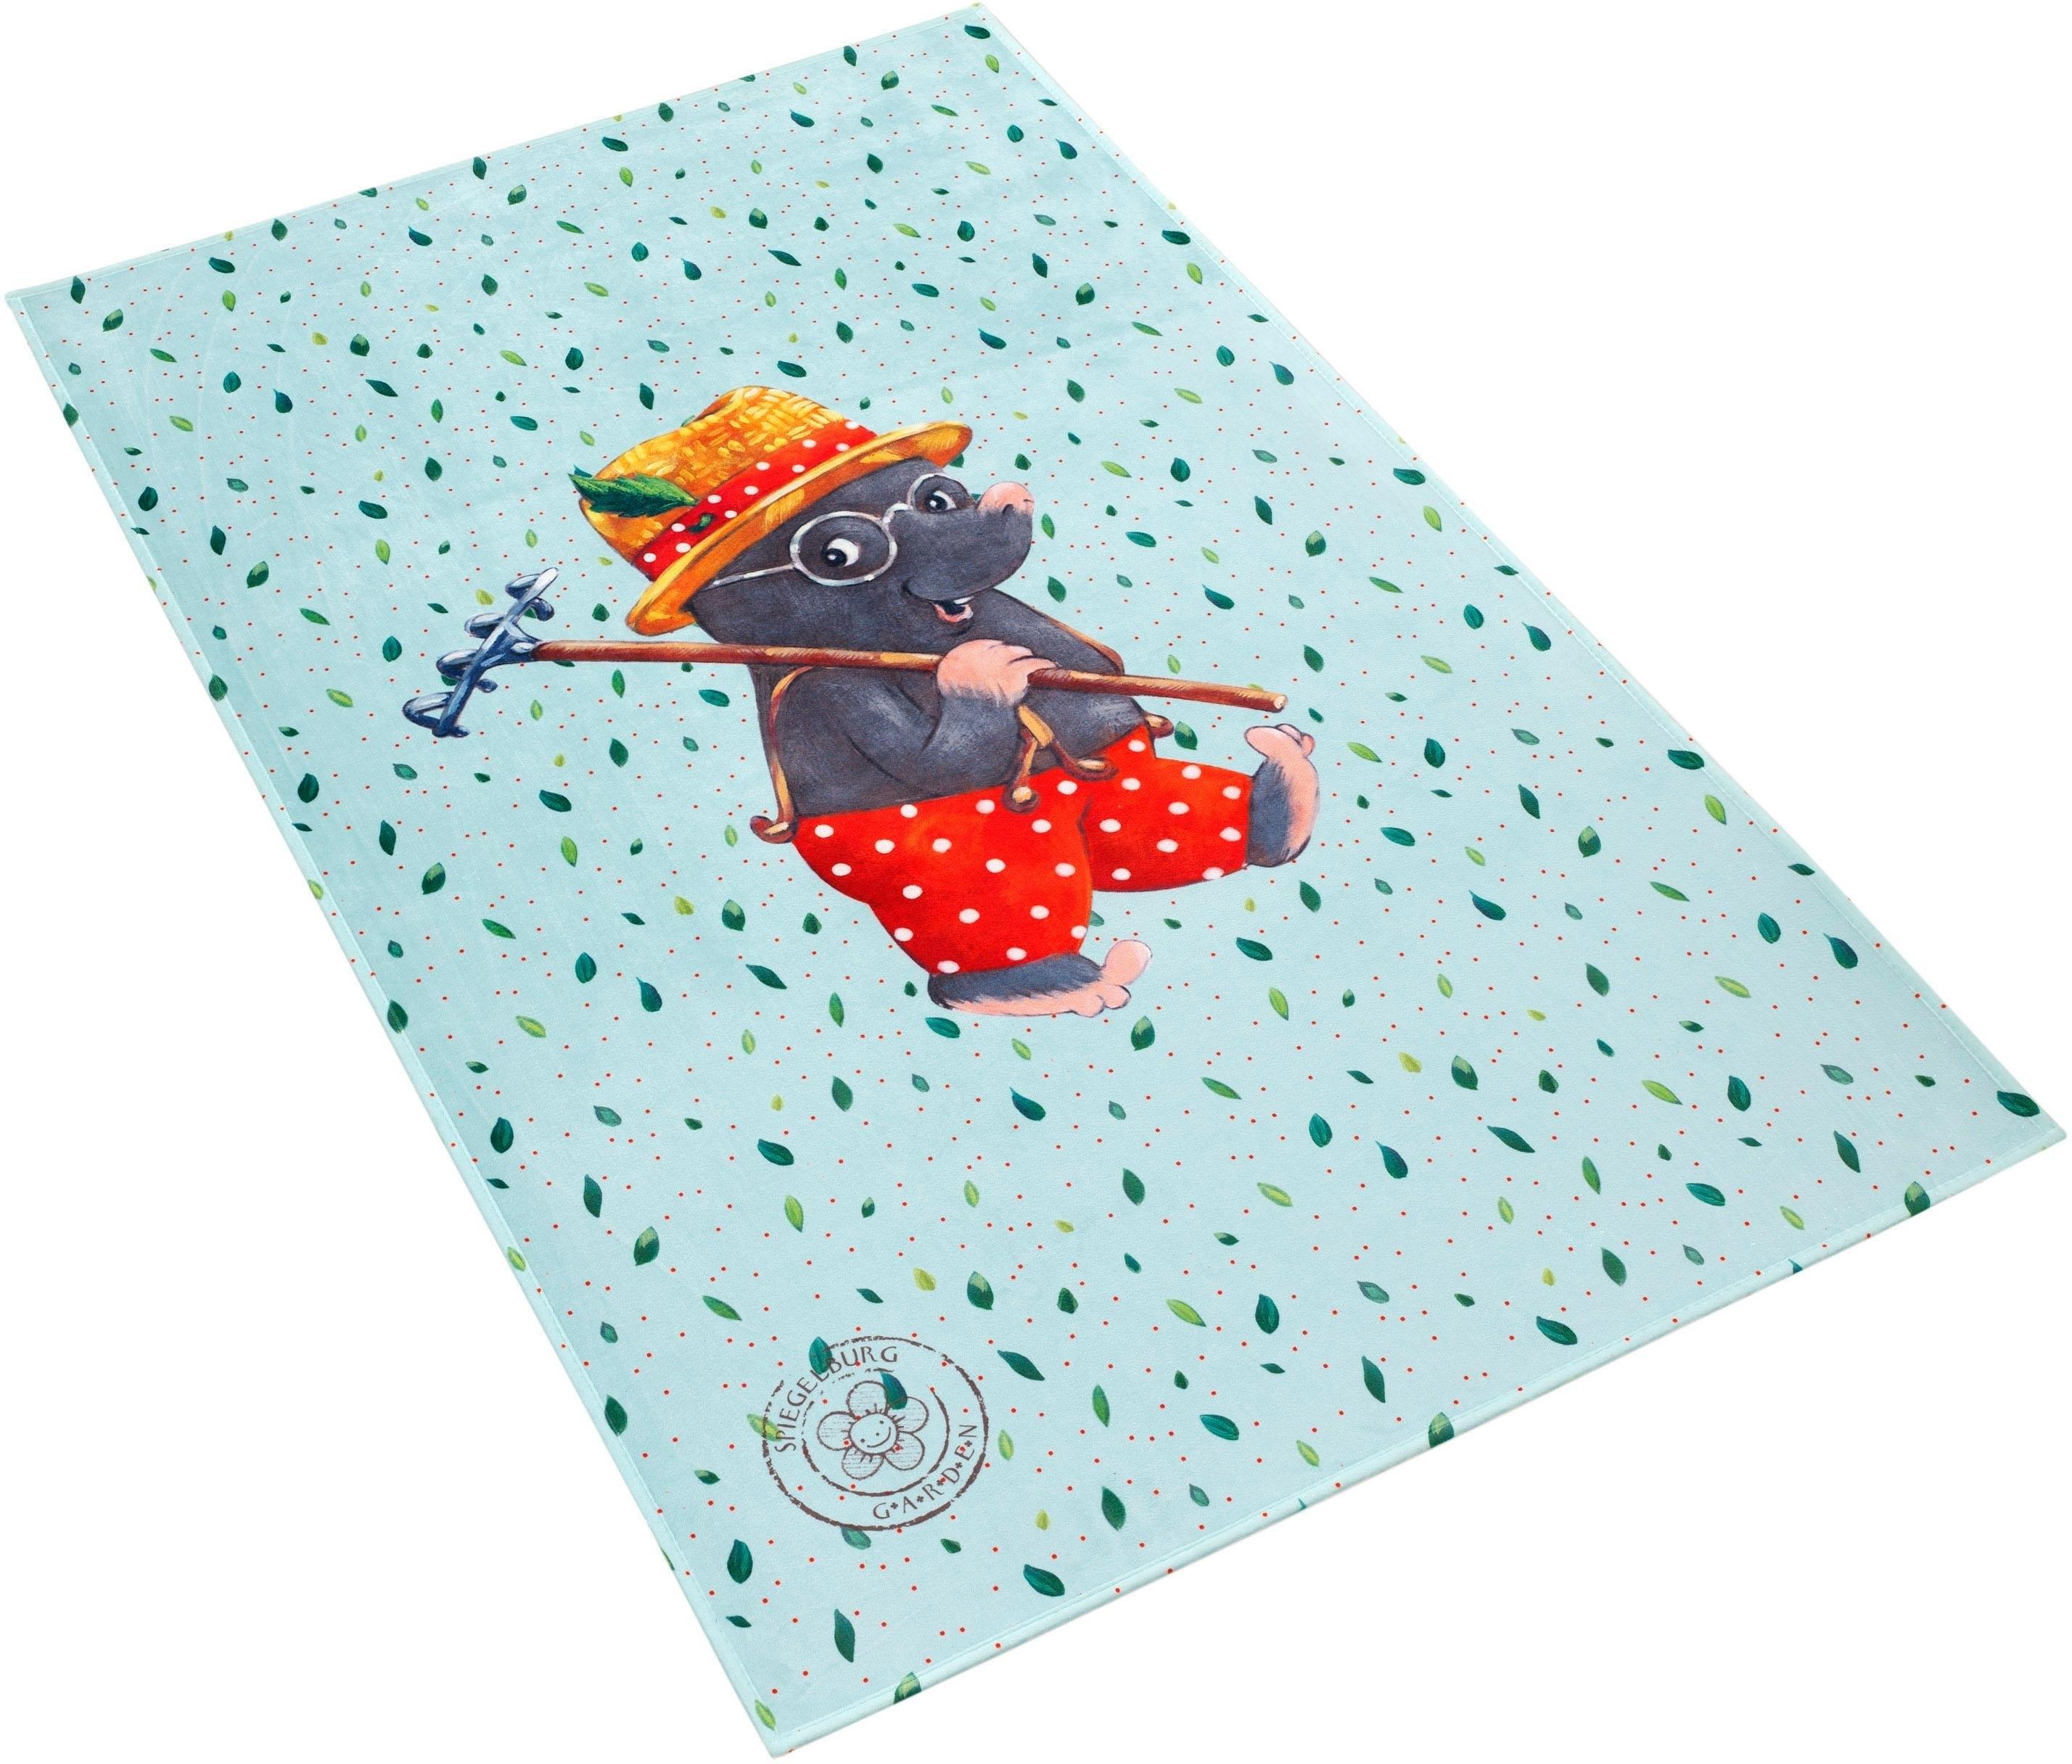 SPIEGELBURG GARDEN Vloerkleed voor de kinderkamer, »GA-612«, rechthoekig, hoogte 6 mm, geprint bij OTTO online kopen